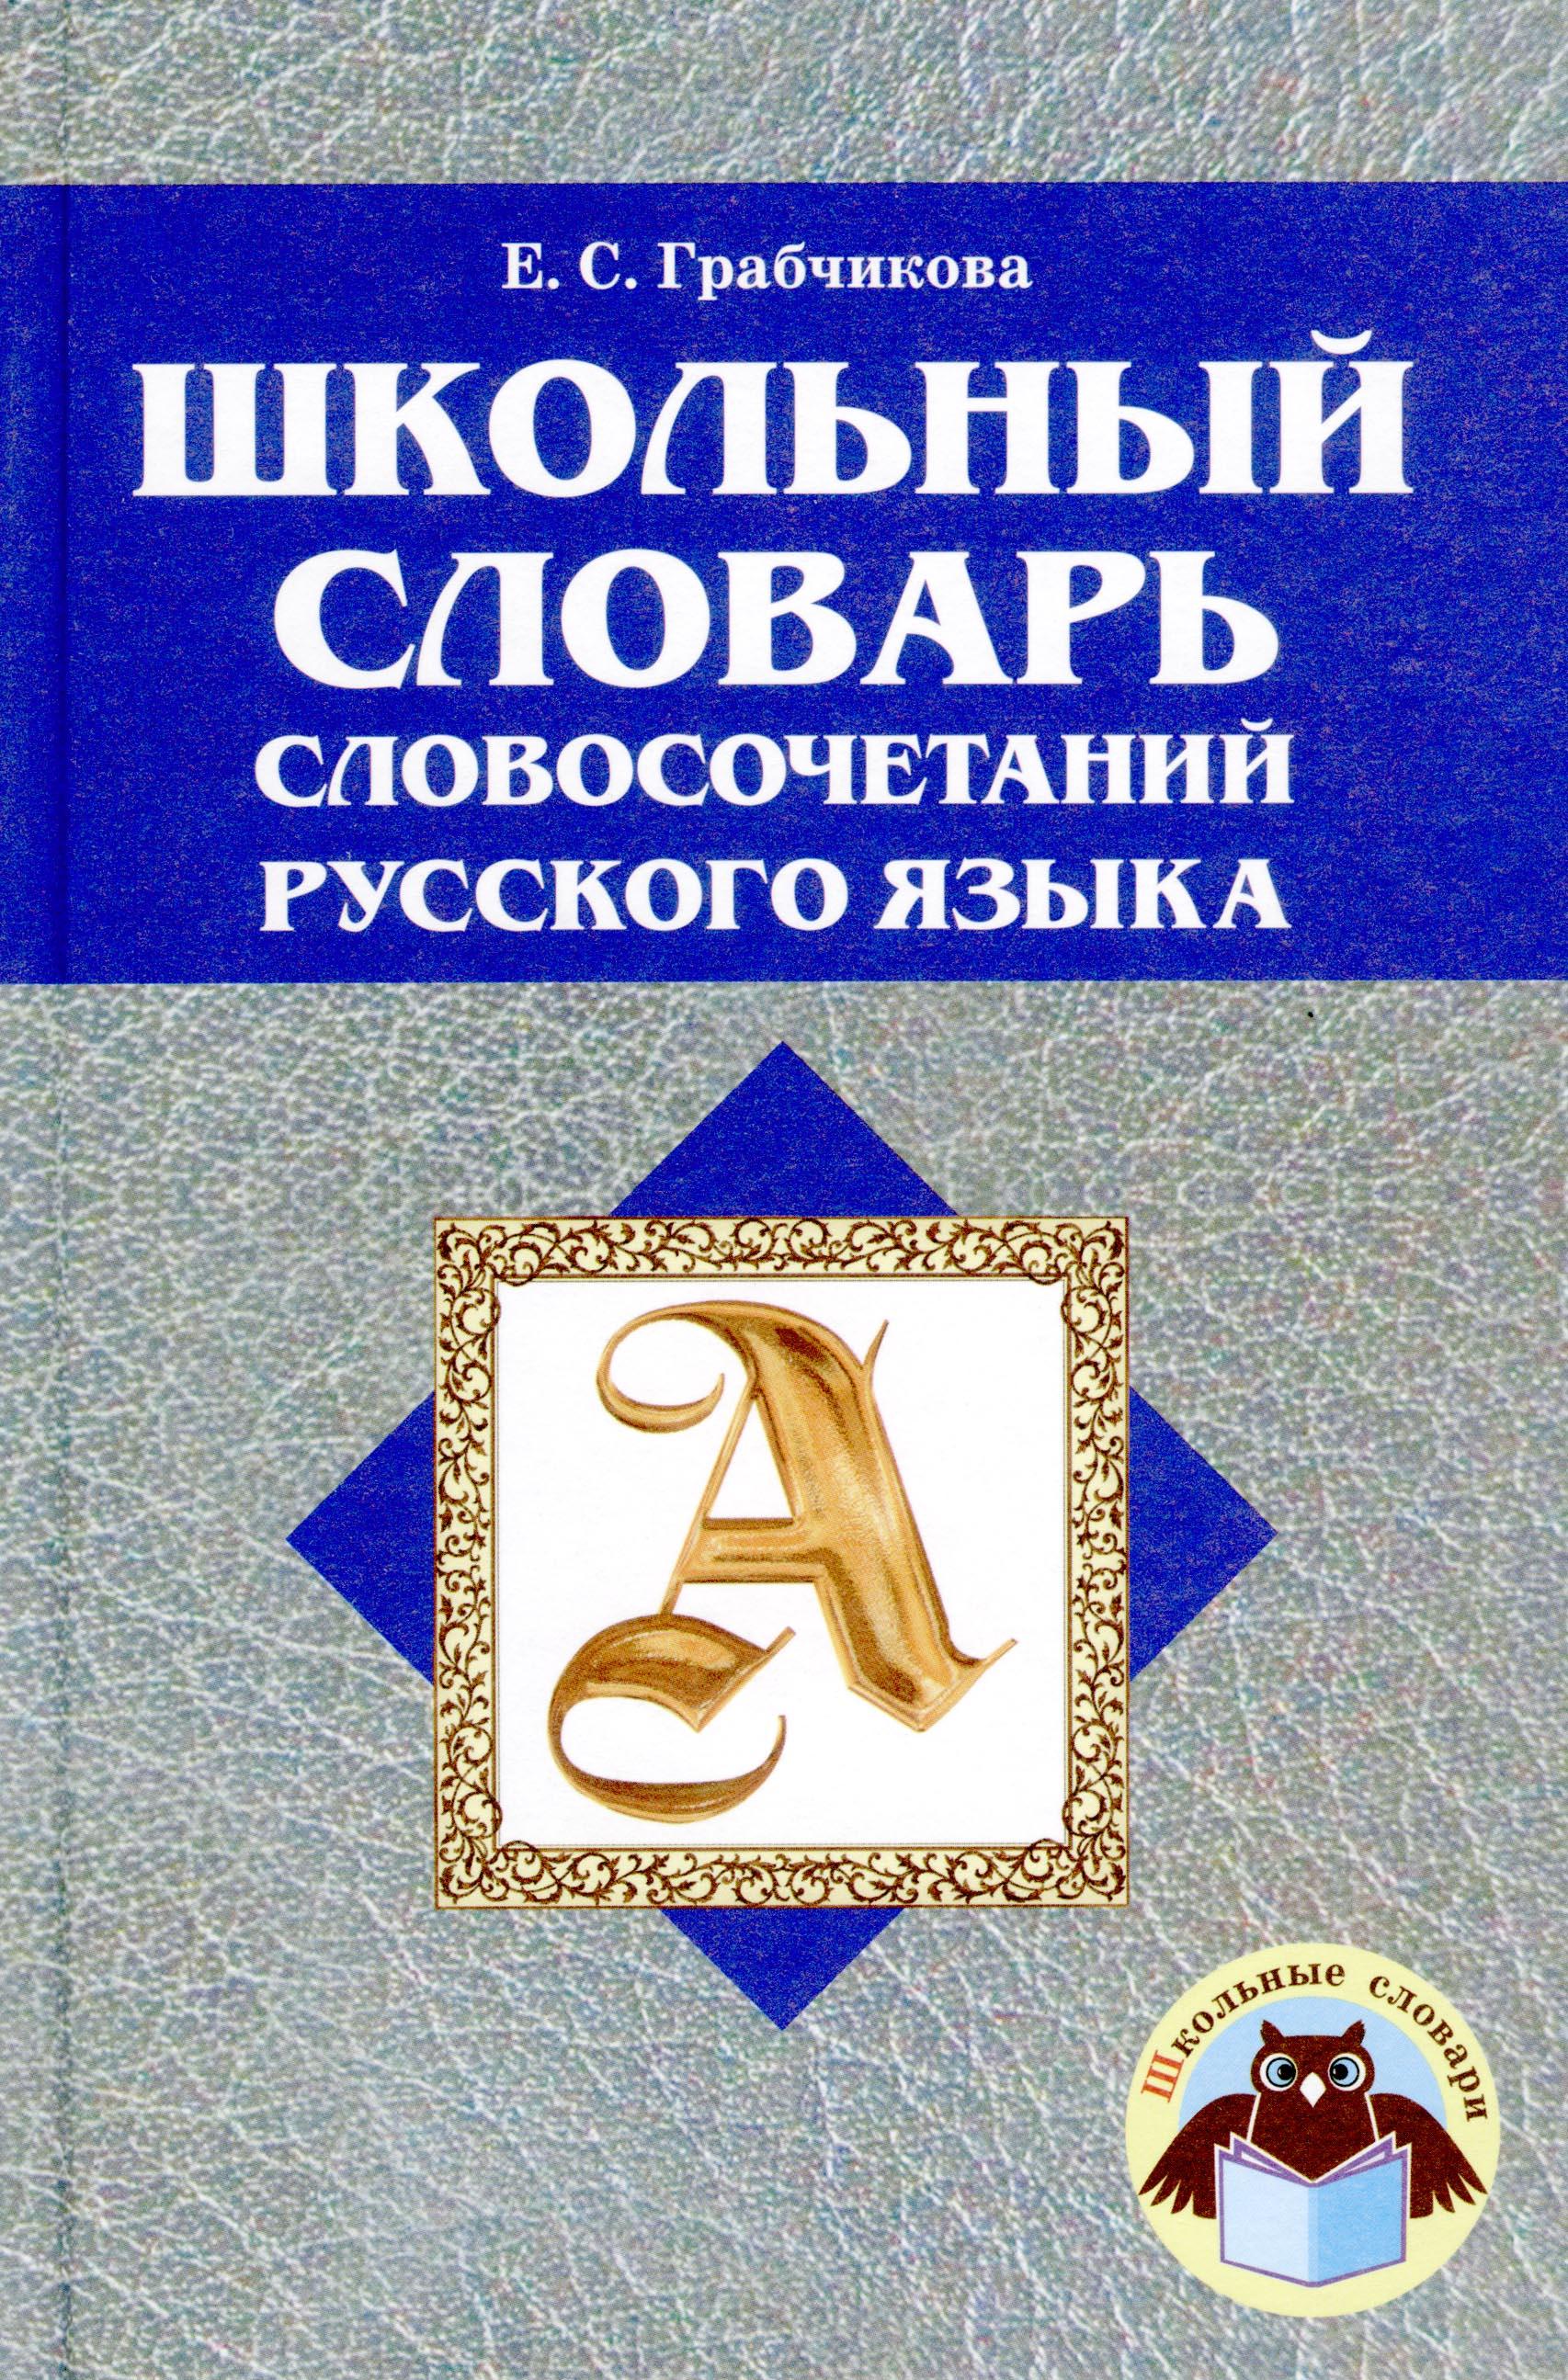 Школьный словарь словосочетаний русского языка